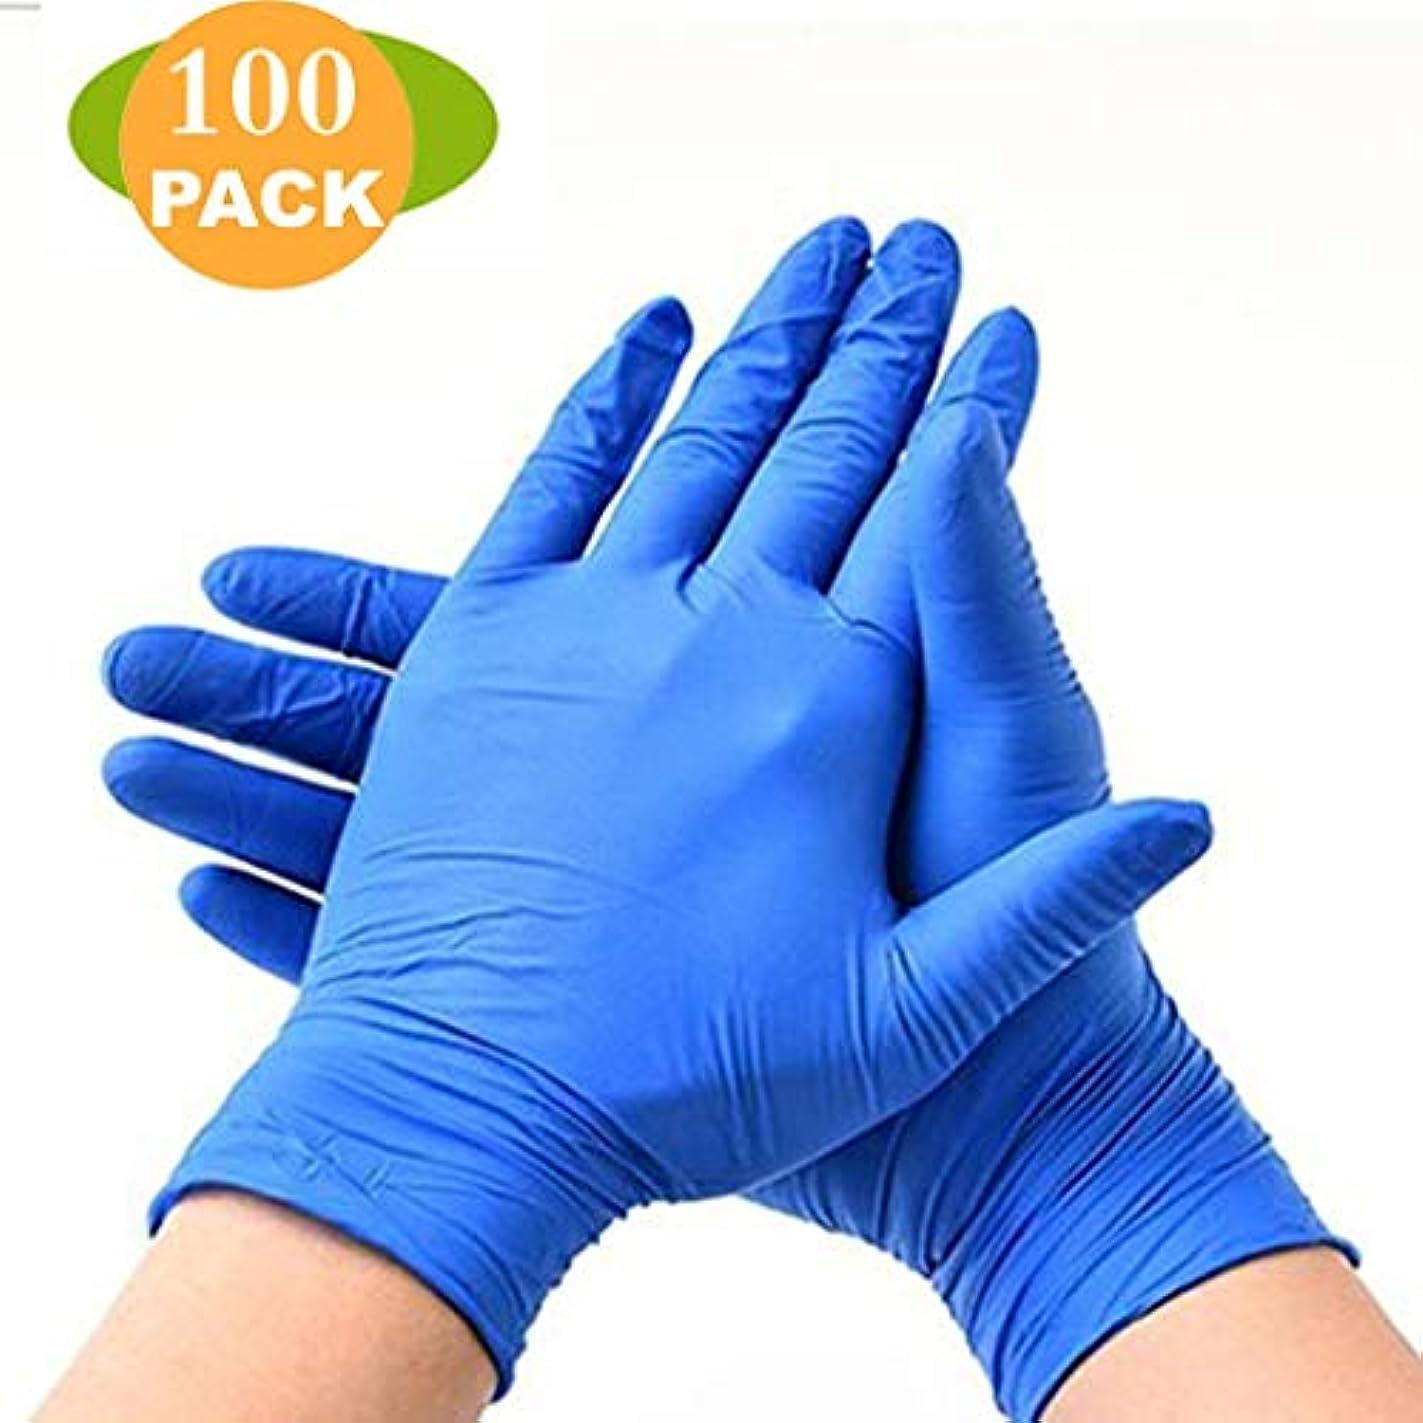 煩わしいピルファーリア王使い捨て耐久性のある厚手の手袋の実験室の食用油と耐酸性-100パーボックス (Color : Blue, Size : L)